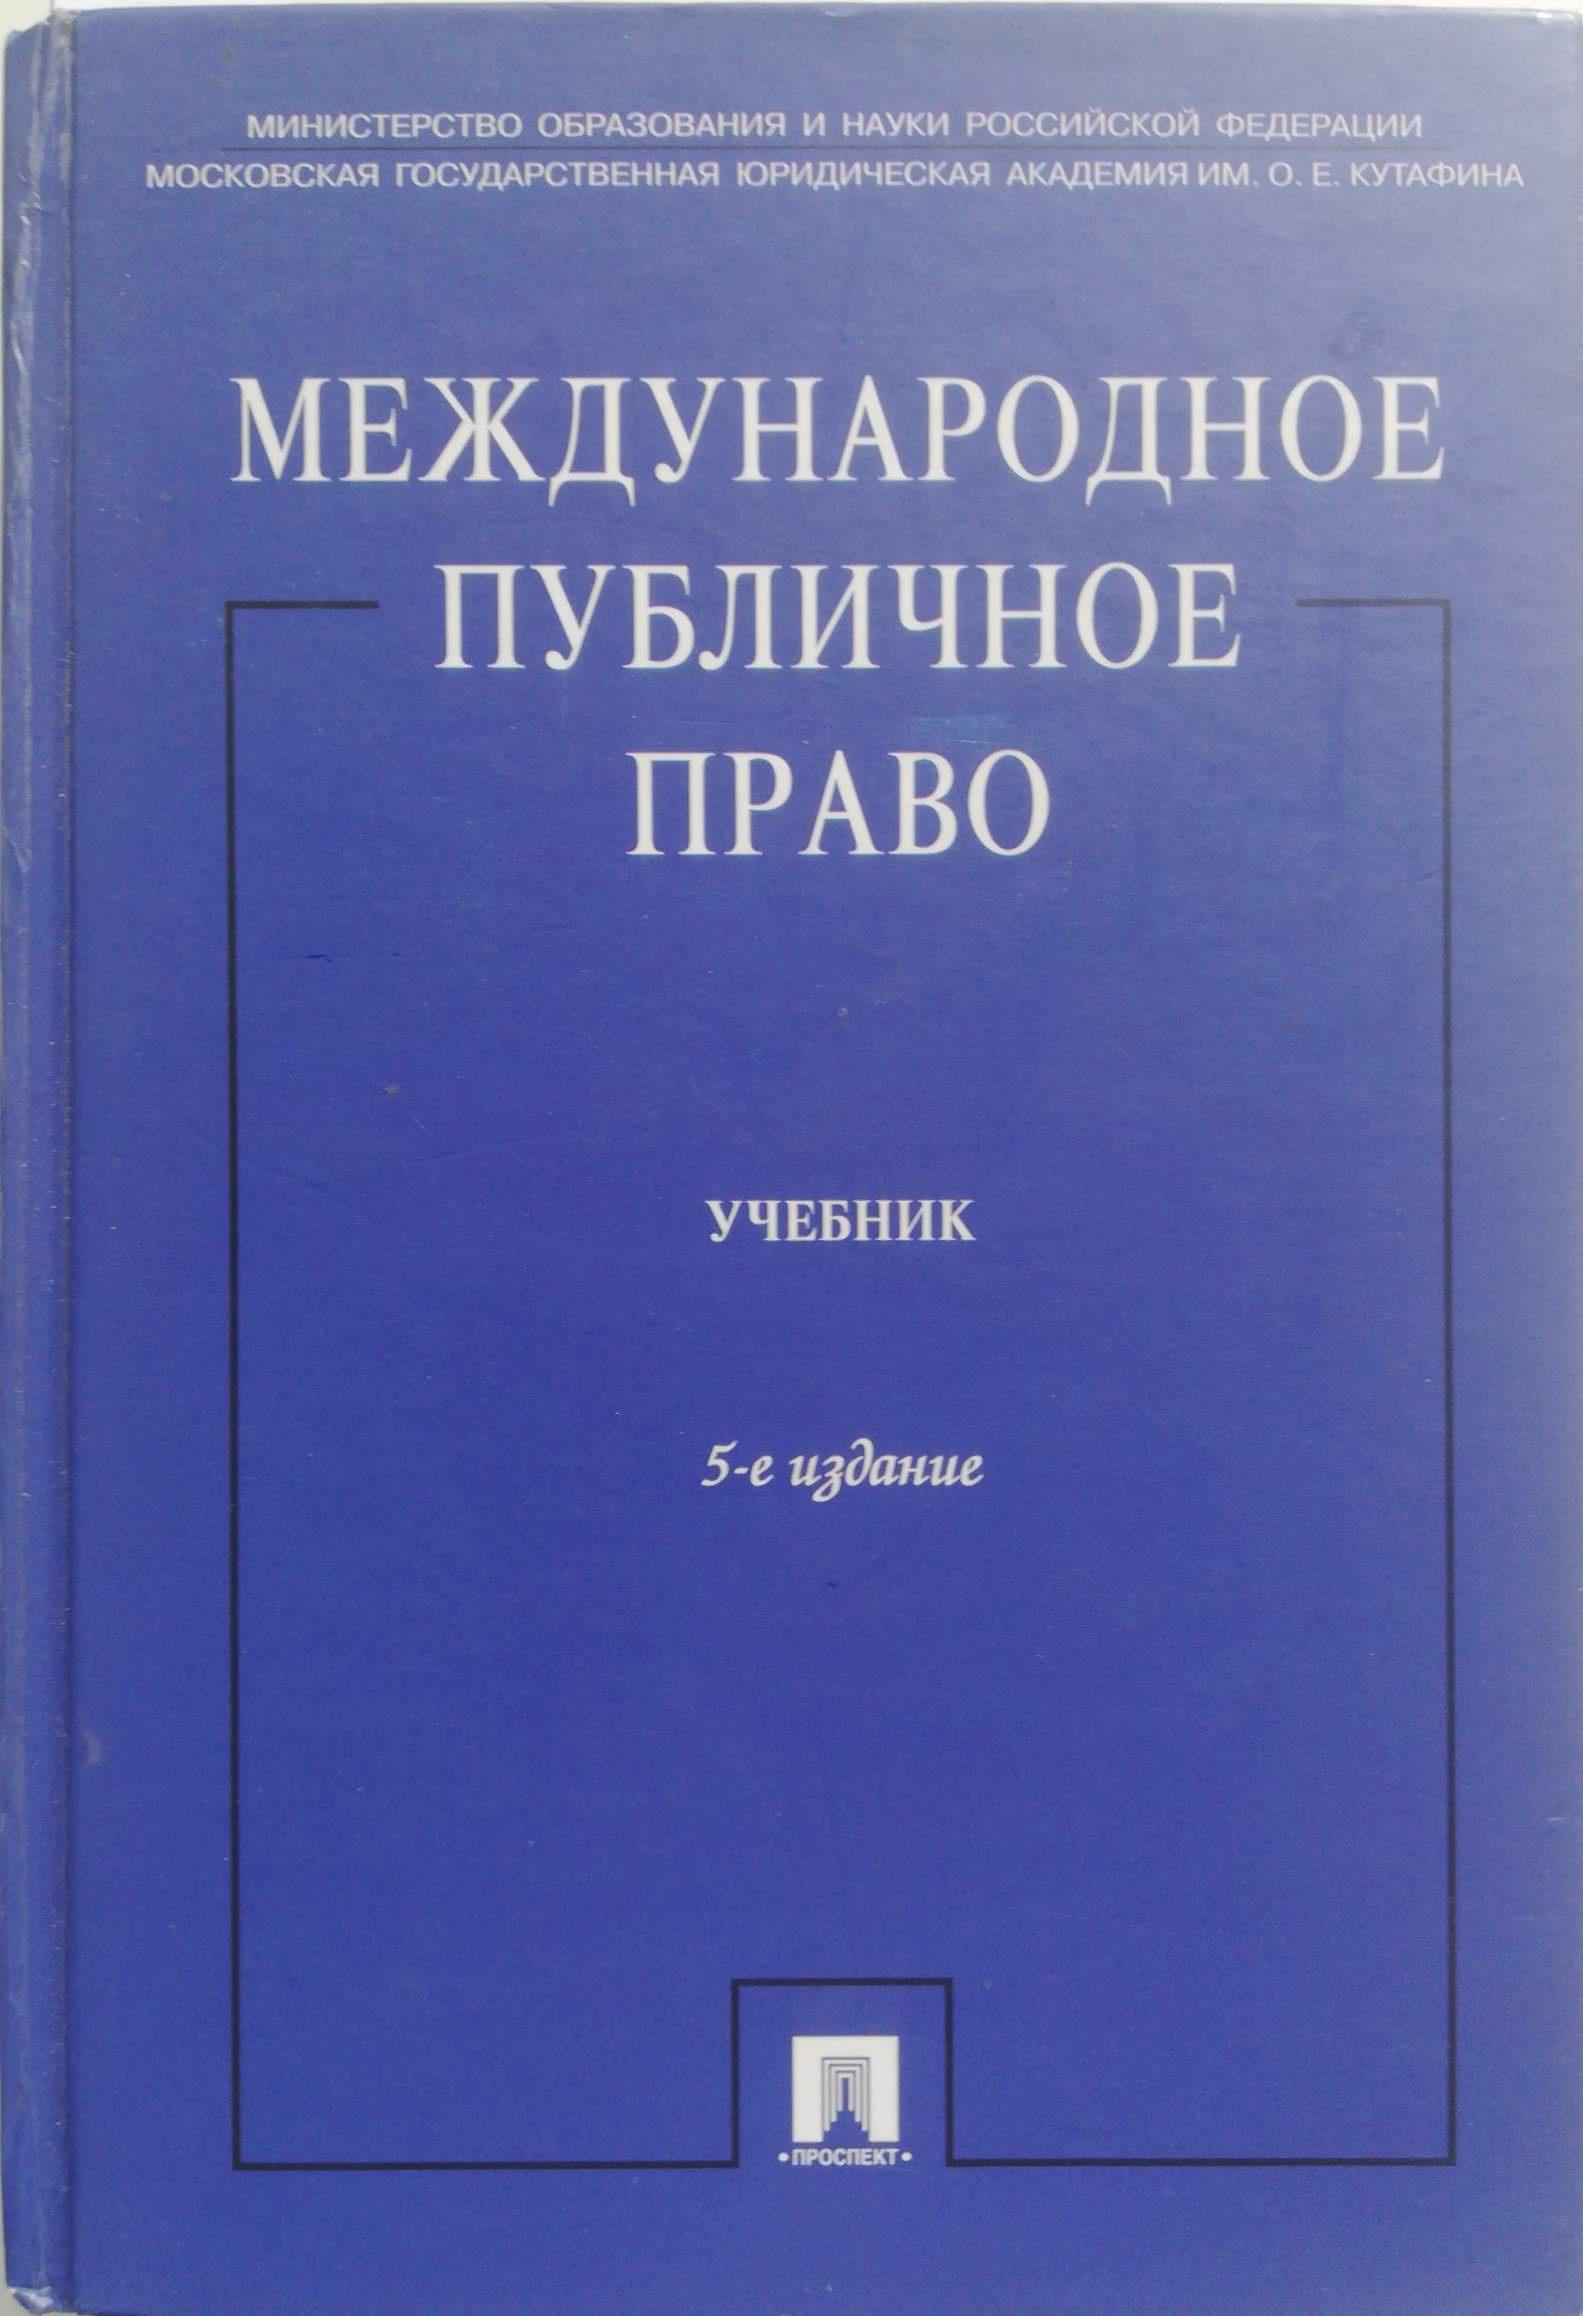 Л. Ануфриева, Д. Бекяшев, В. Устинов. Международное публичное право